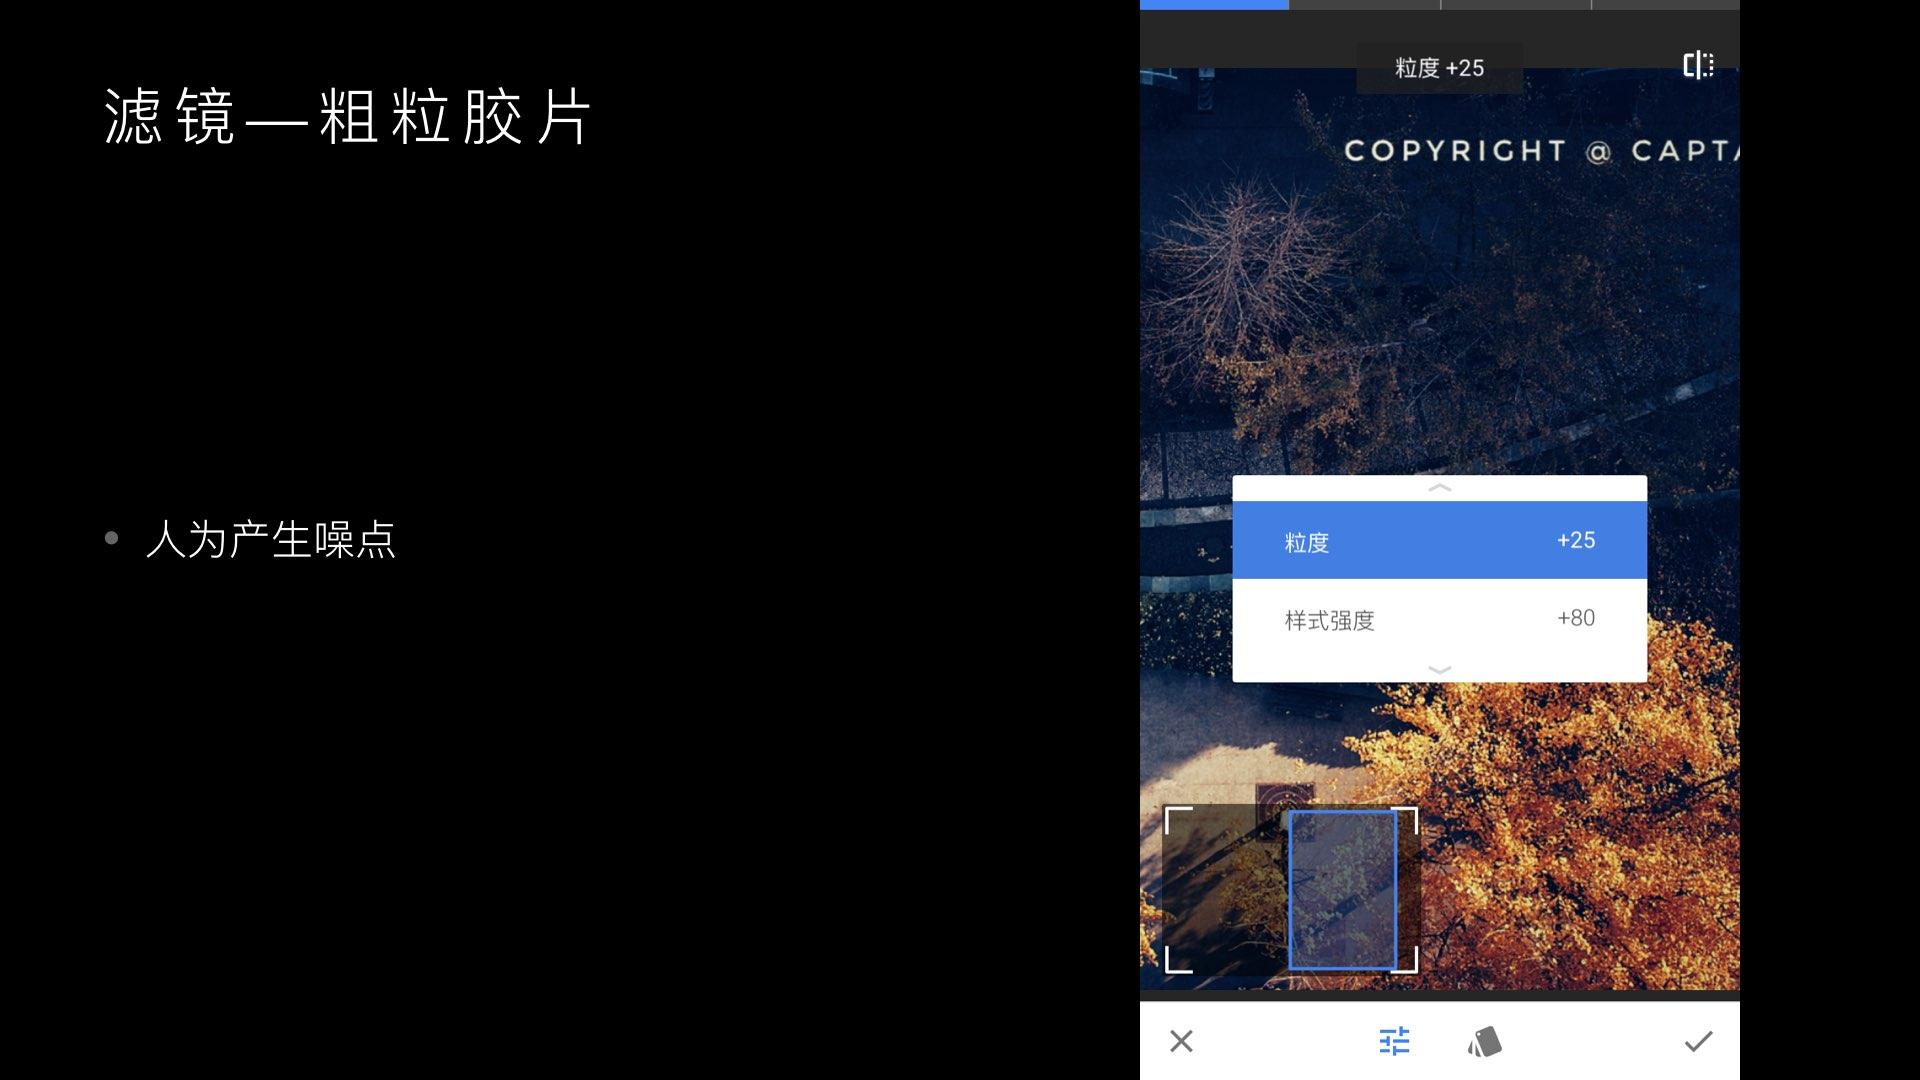 化腐朽为神奇,Snapseed图片编辑教程.028.jpeg